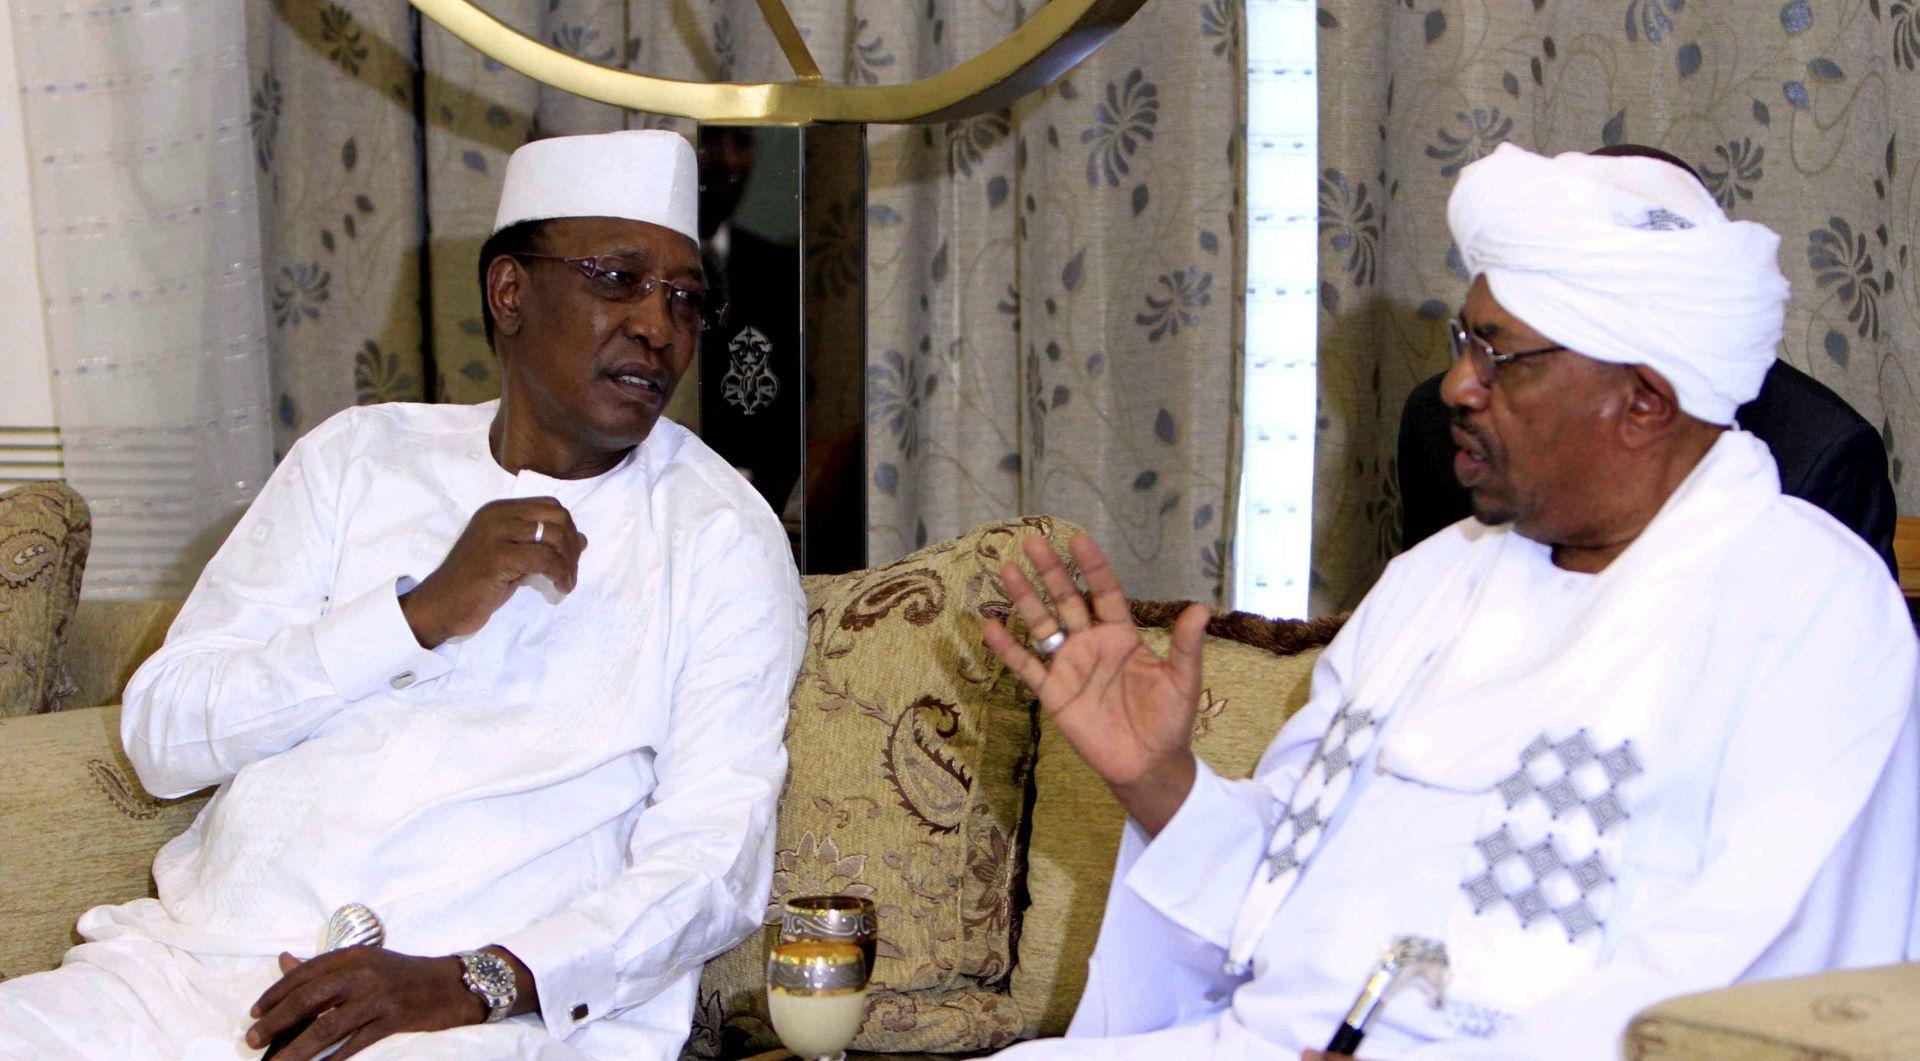 HRW pozvao Jordan da zabrani ulazak u zemlju sudanskom predsjedniku